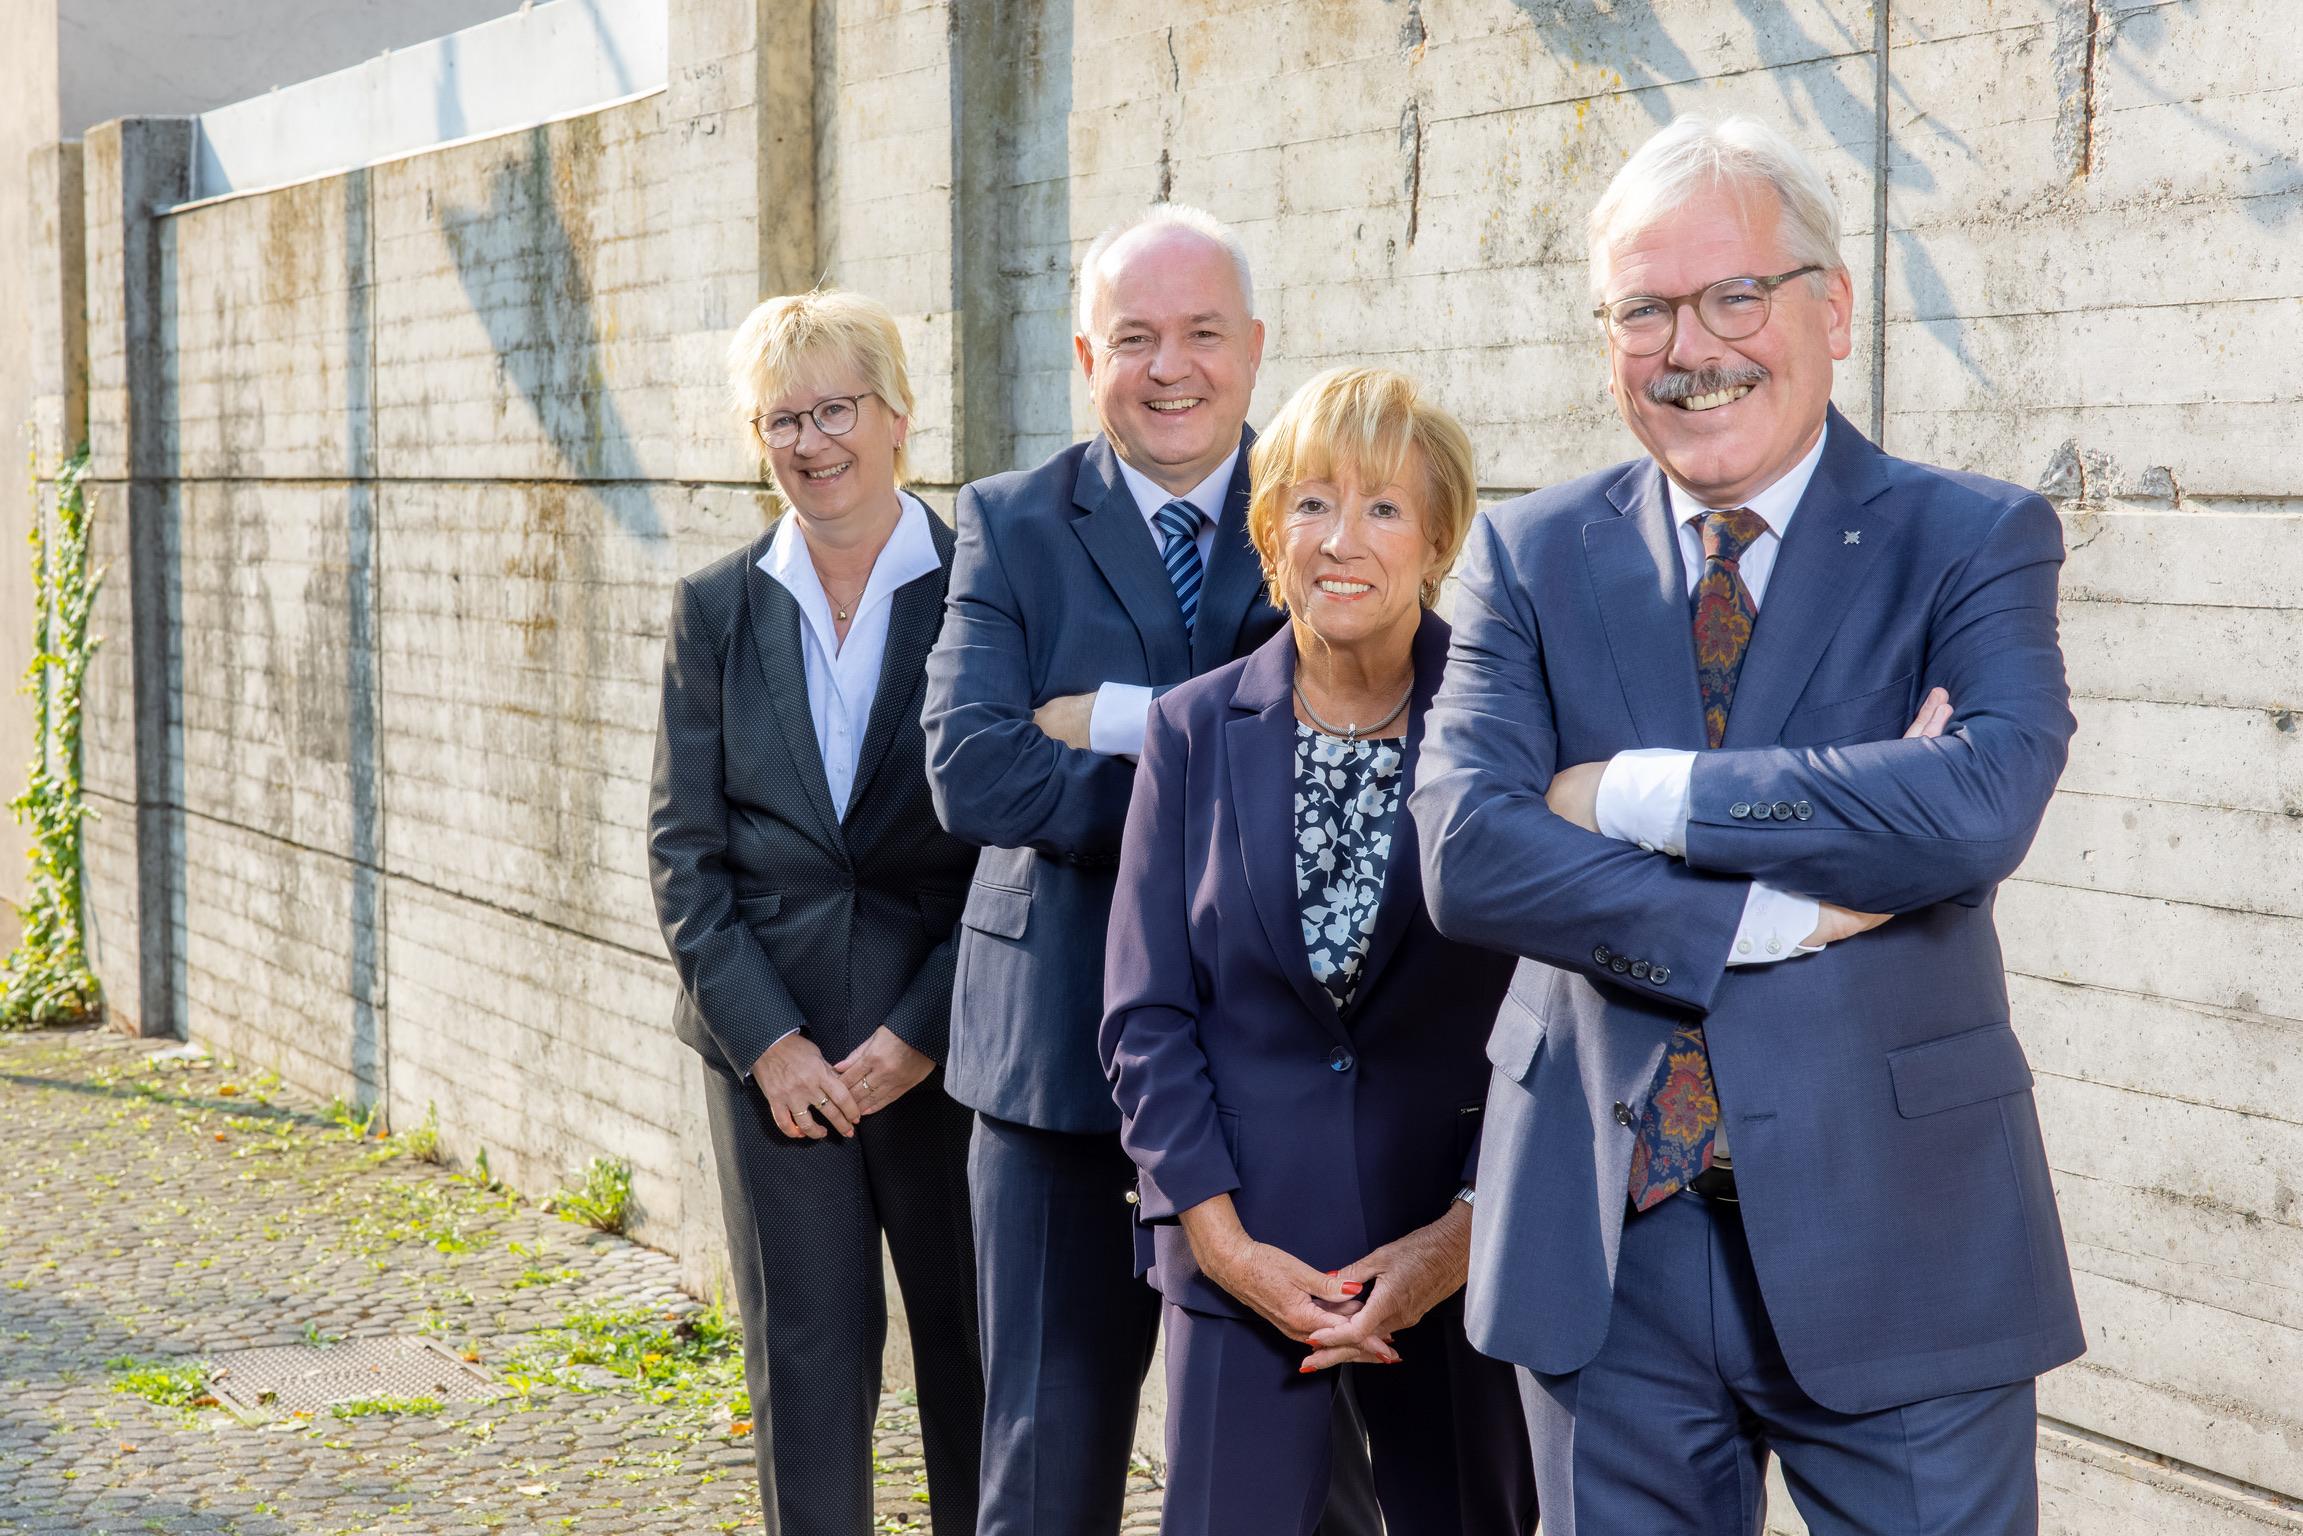 Kommunalwahl 2021: Unsere Flörsheimer Kandidaten für den Kreistag des Main-Taunus-Kreises